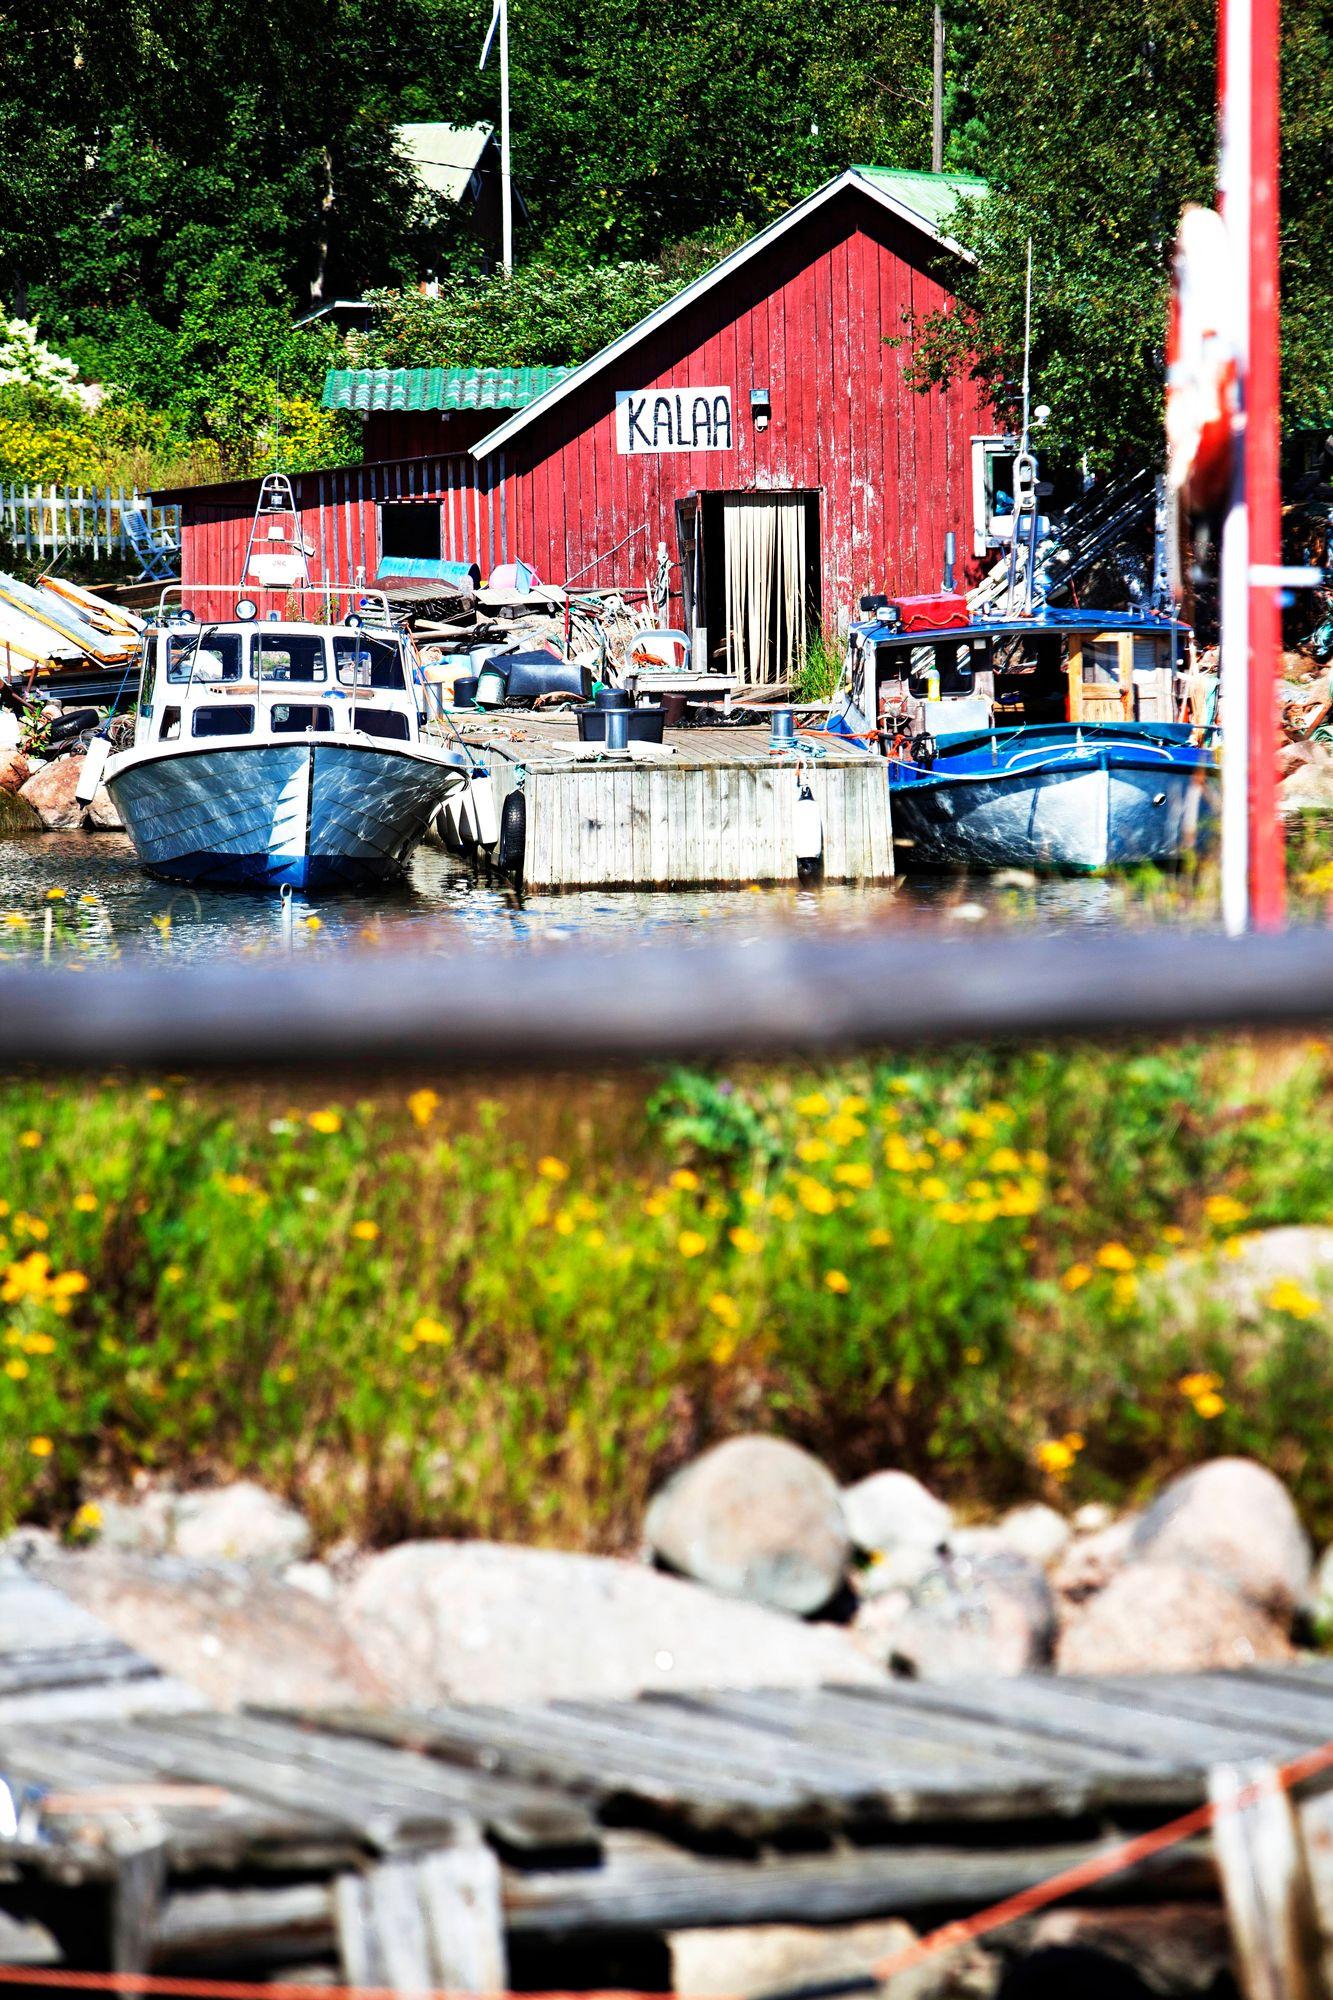 Kaunissaaressa on vanha ja suojeltu kalastajakylä. © Sampo Korhonen/Skoy